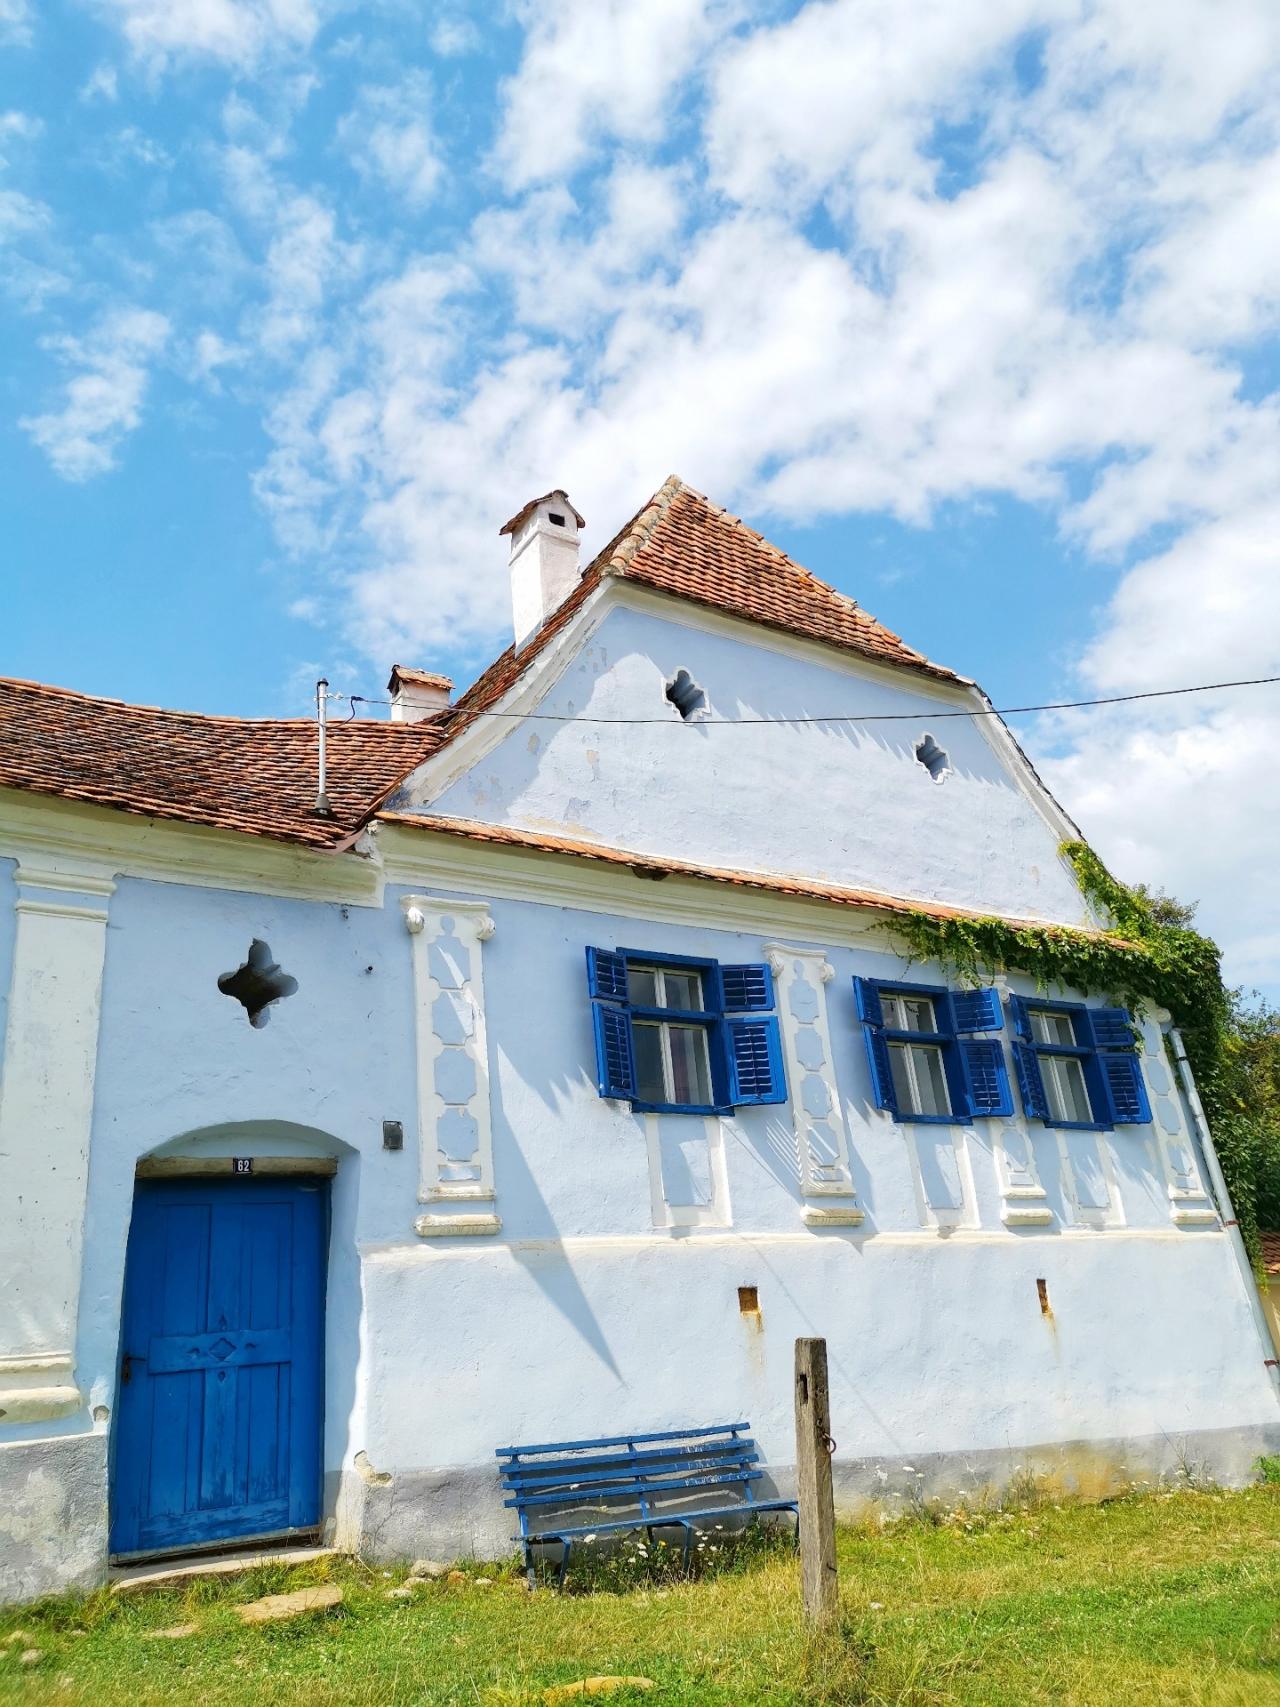 Casa cu usa albastra Viscri